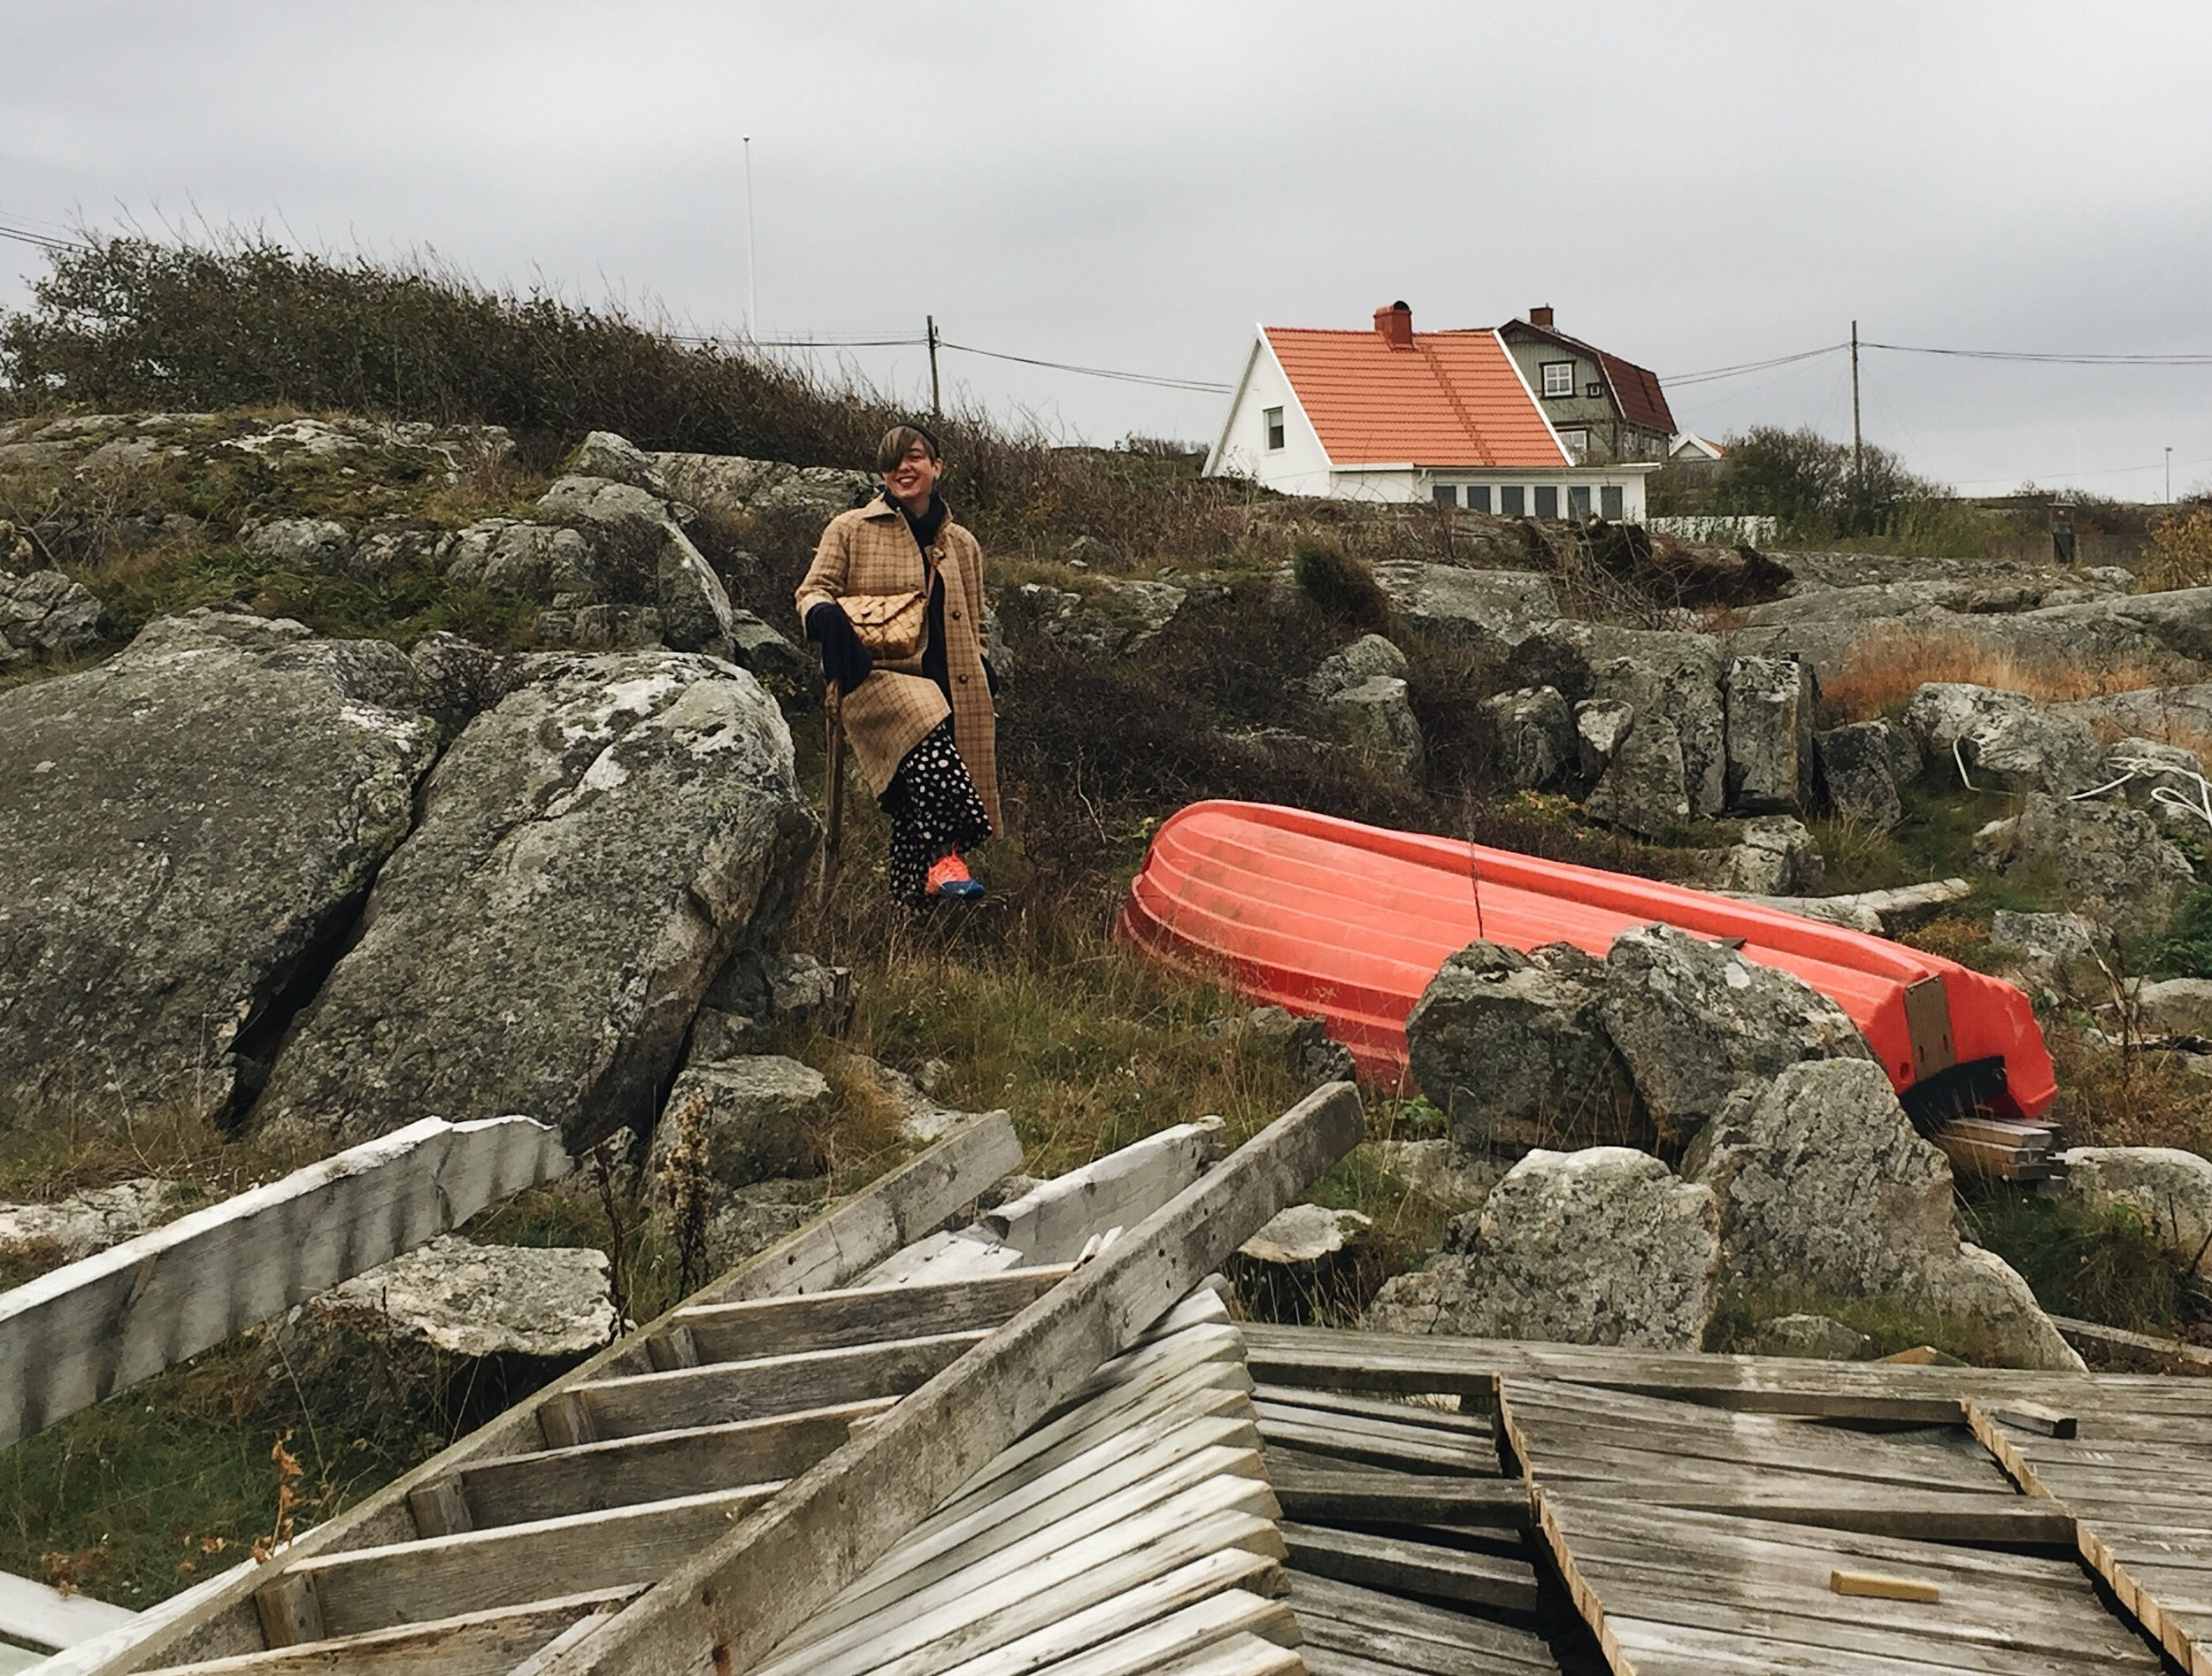 Vi drog till Orust (som ni sett i tidigare inlägg om Lådfabriken) och tog blamd annat en härlig promenad över karga klippor och folktomma stränder.